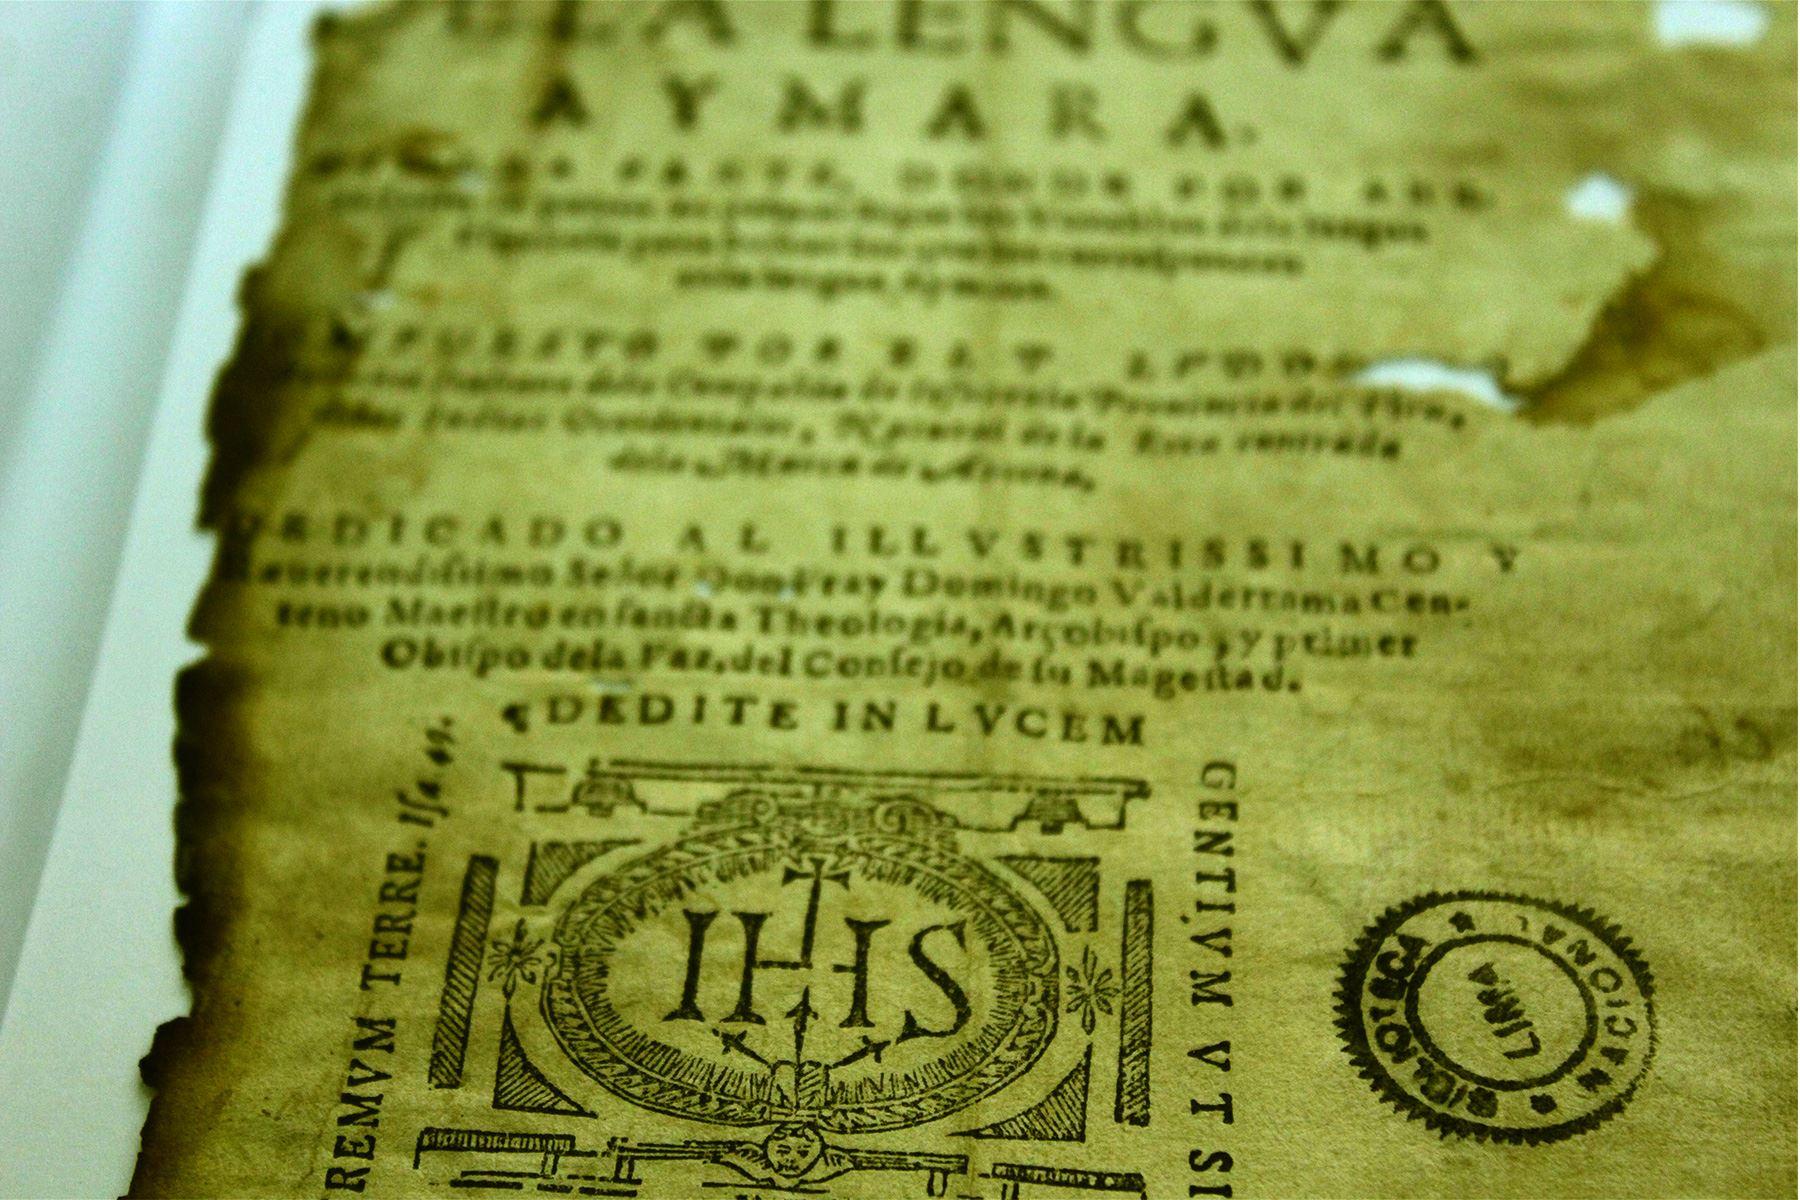 Primer impreso peruano: Diccionario de la Lengua Aymara de 1612. Ejemplar recuperado del incendio de 1943 de la Biblioteca Nacional. Foto: Harold Moreno.